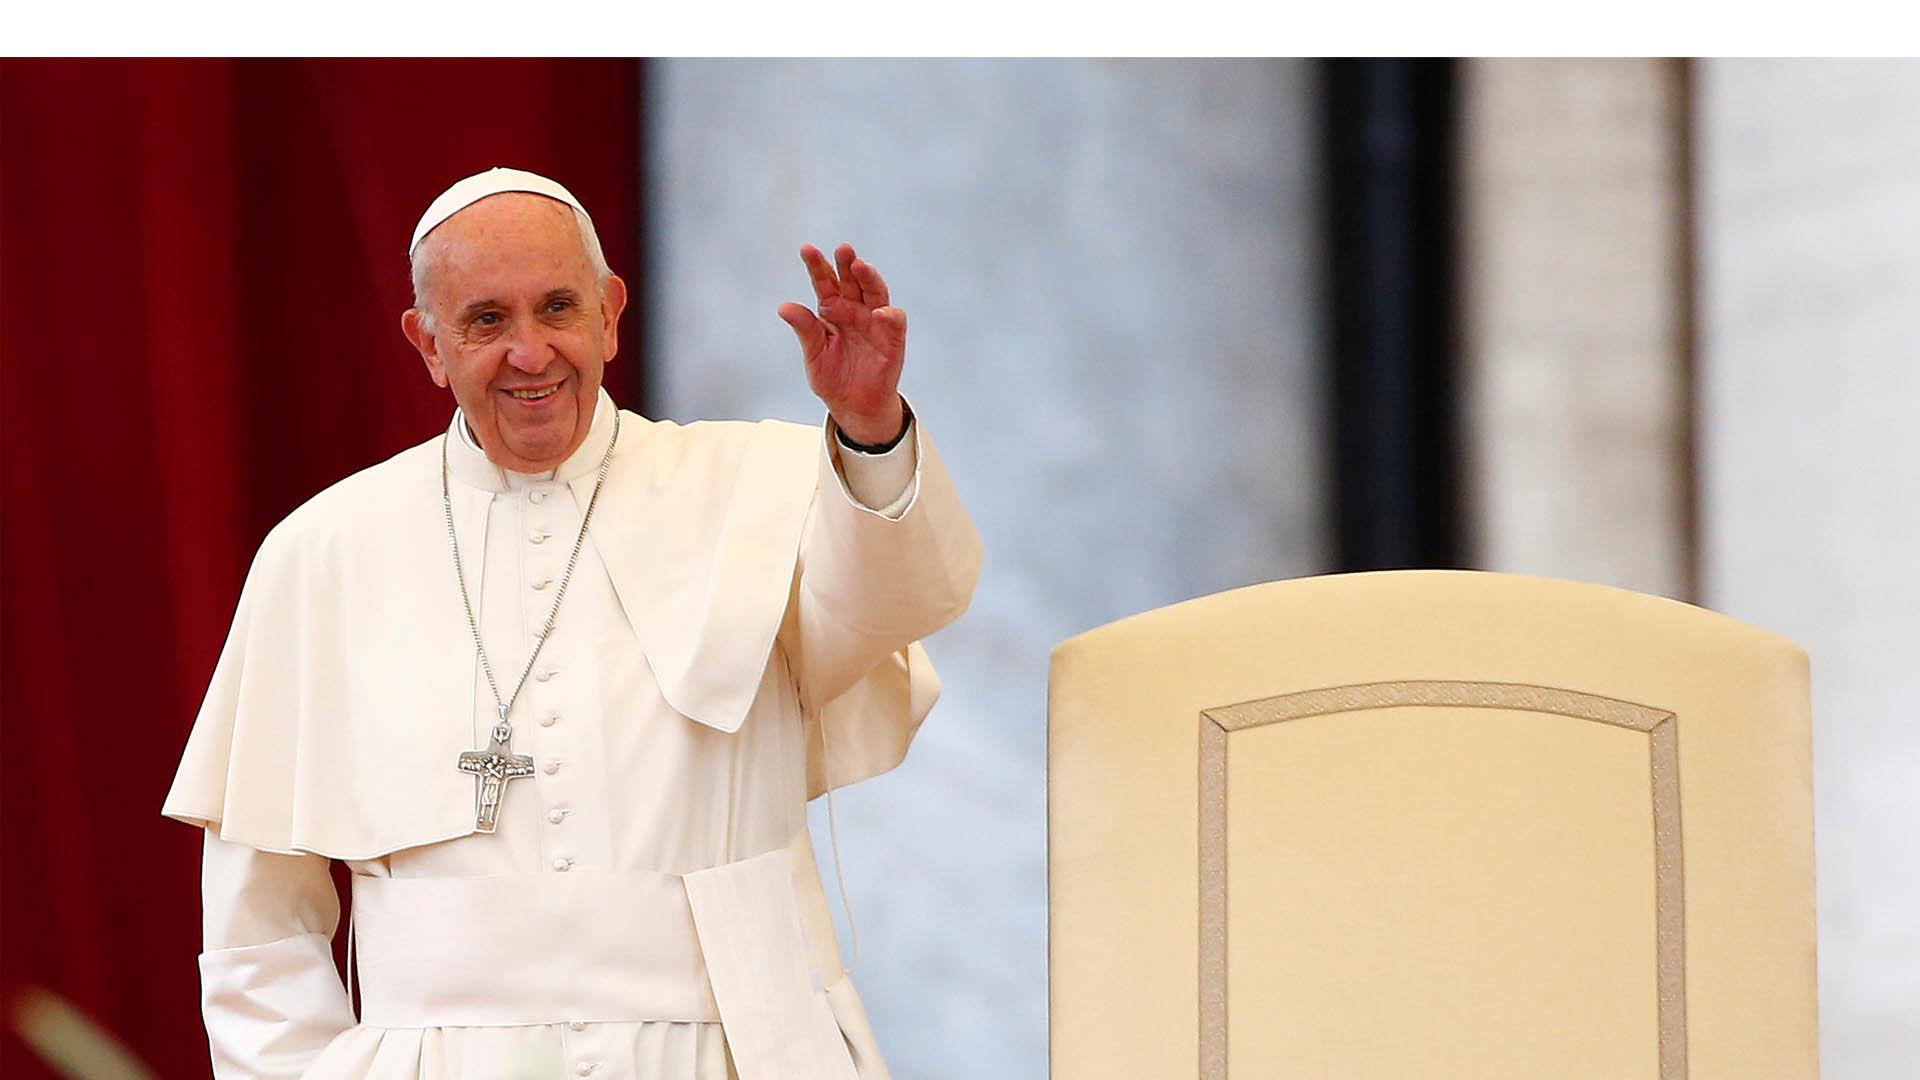 El máximo líder de la Iglesia canonizará a siete nuevas personas que cumplieron con todos los milagros para recibir el título